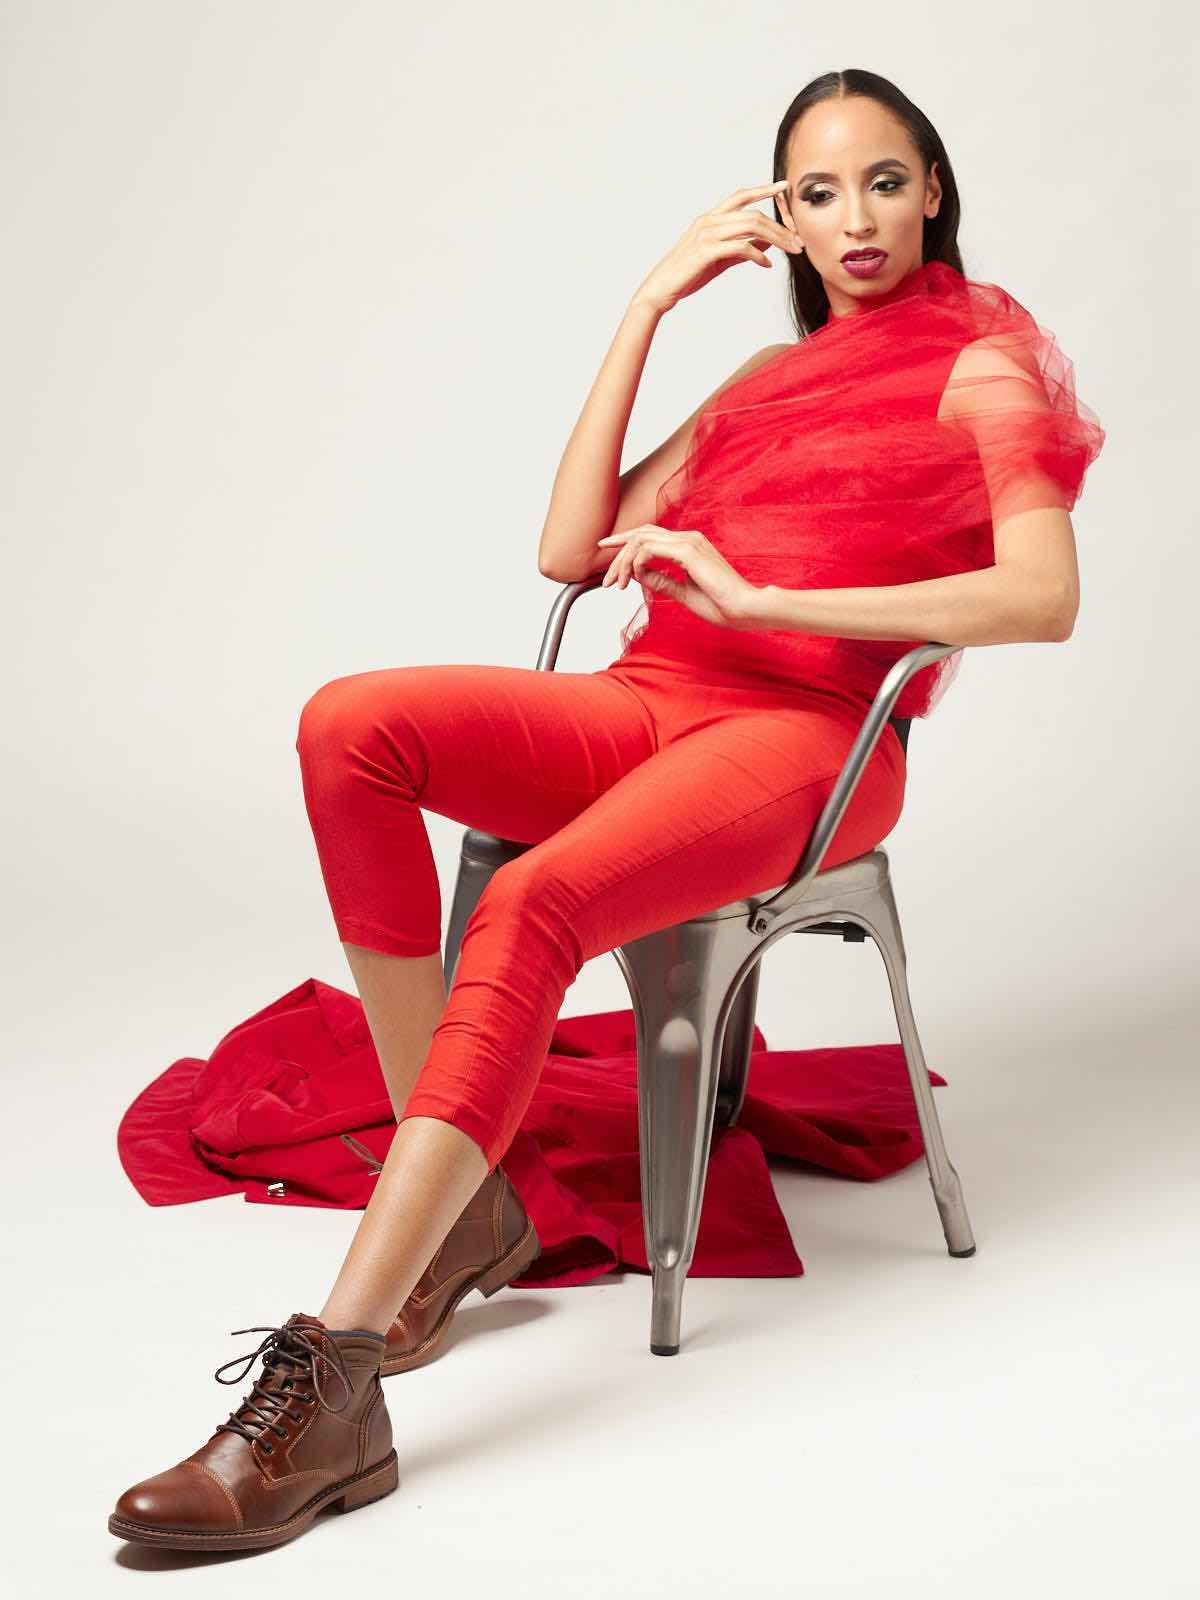 sce-agency-female-model-megan-m-6aaaa